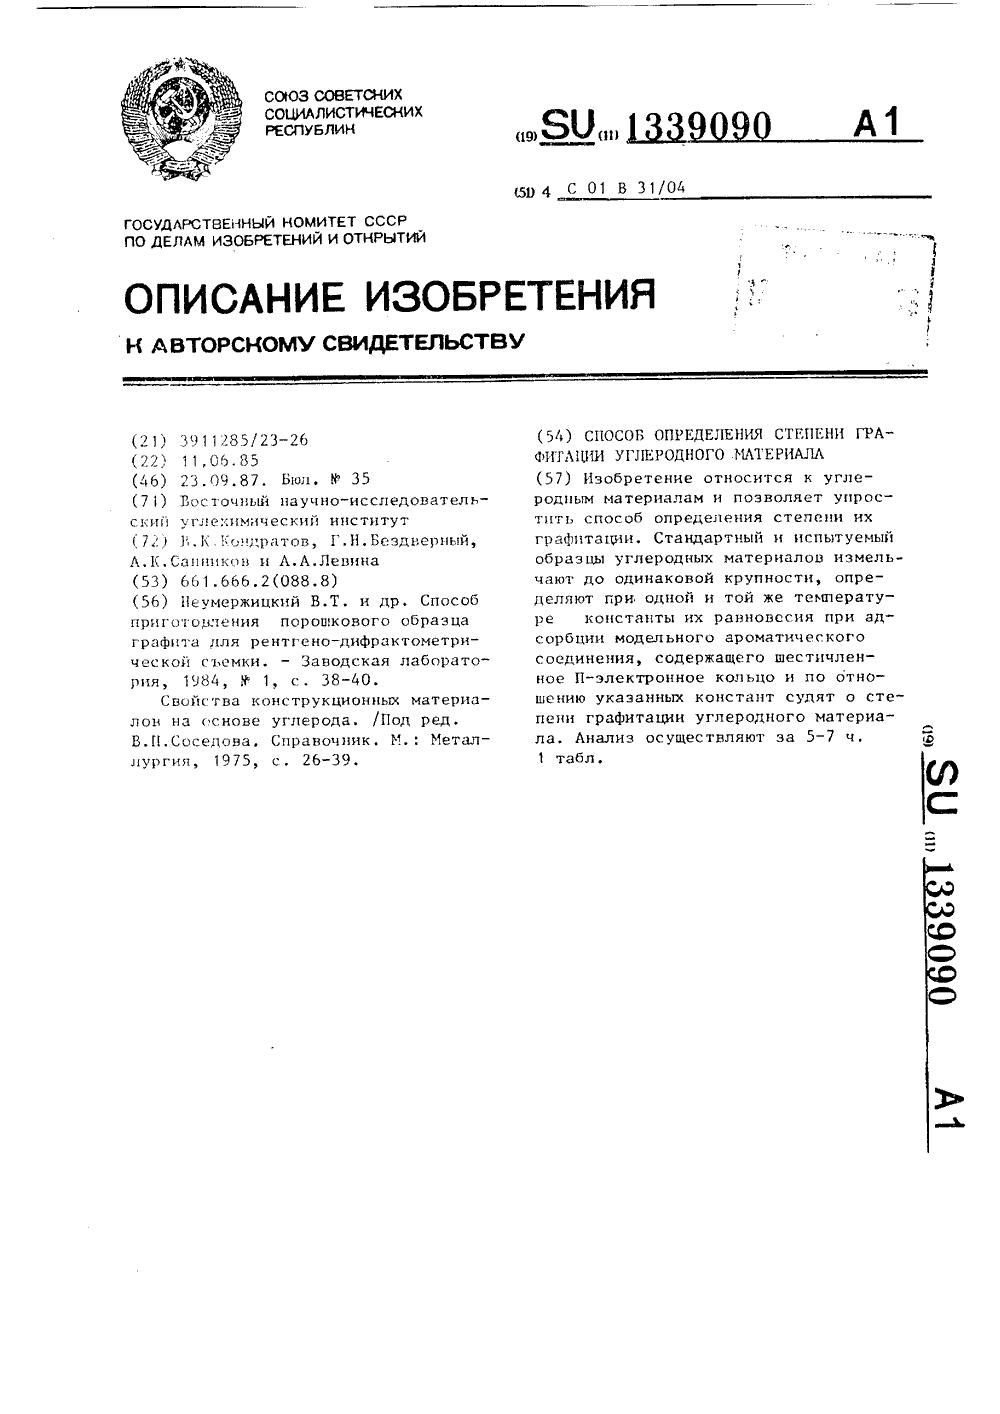 справочник коксохимика том 4 и том 5